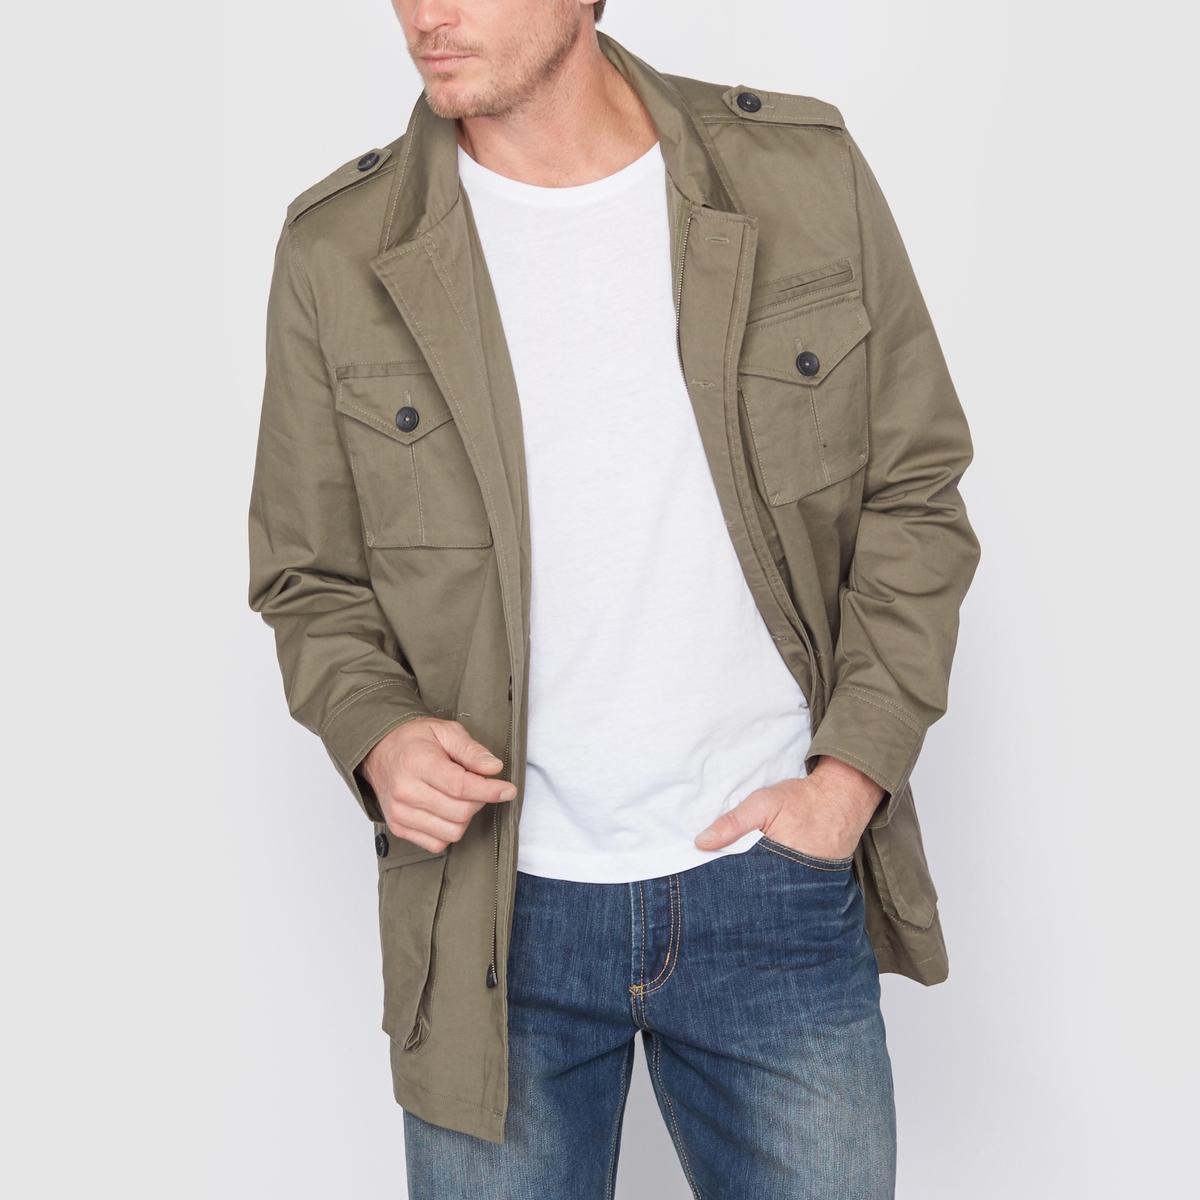 Куртка в стиле милитариСостав и описание :Материал : плотный текстиль, 100% хлопок, на подкладке из 100% хлопка. Длина : 83 см.    Марка : CASTALUNA FOR MEN<br><br>Цвет: хаки